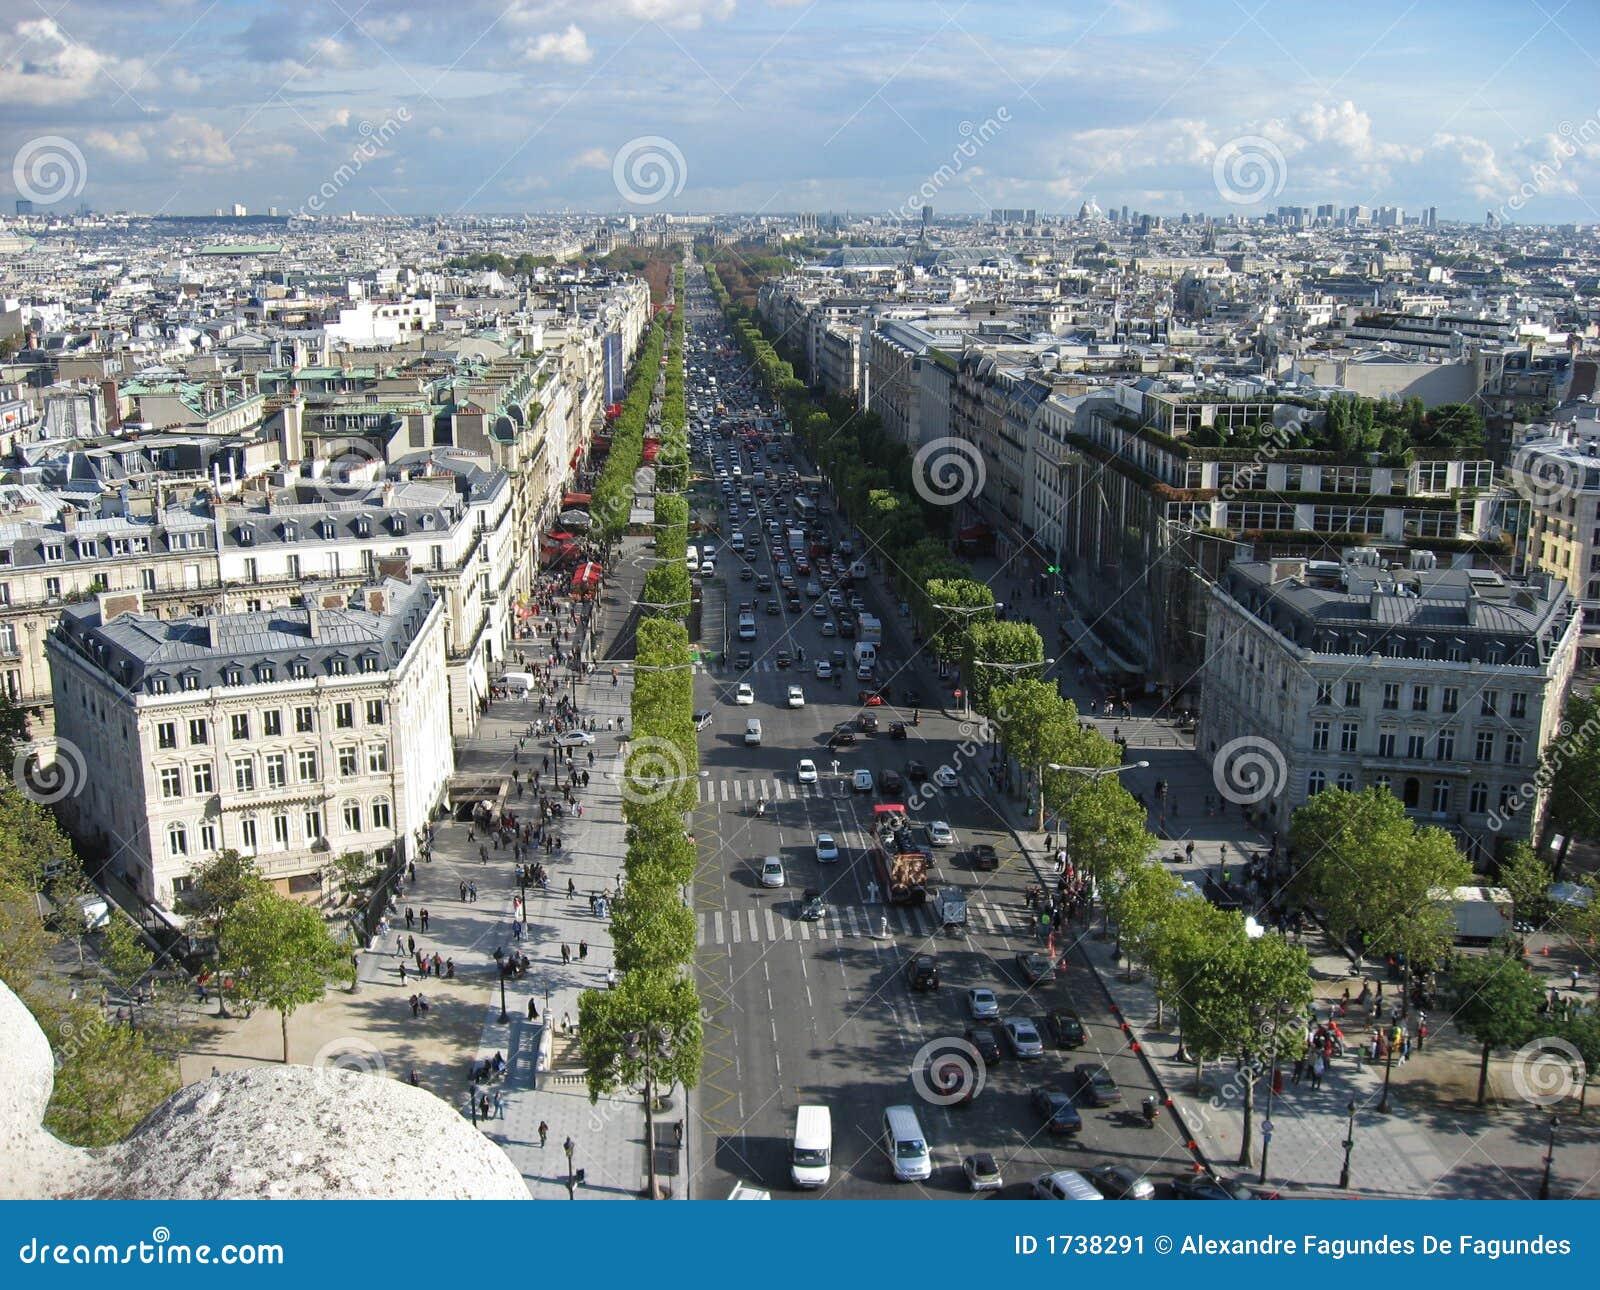 Avenue victor hugo paris image stock image 1738291 - Le notre avenue victor hugo ...